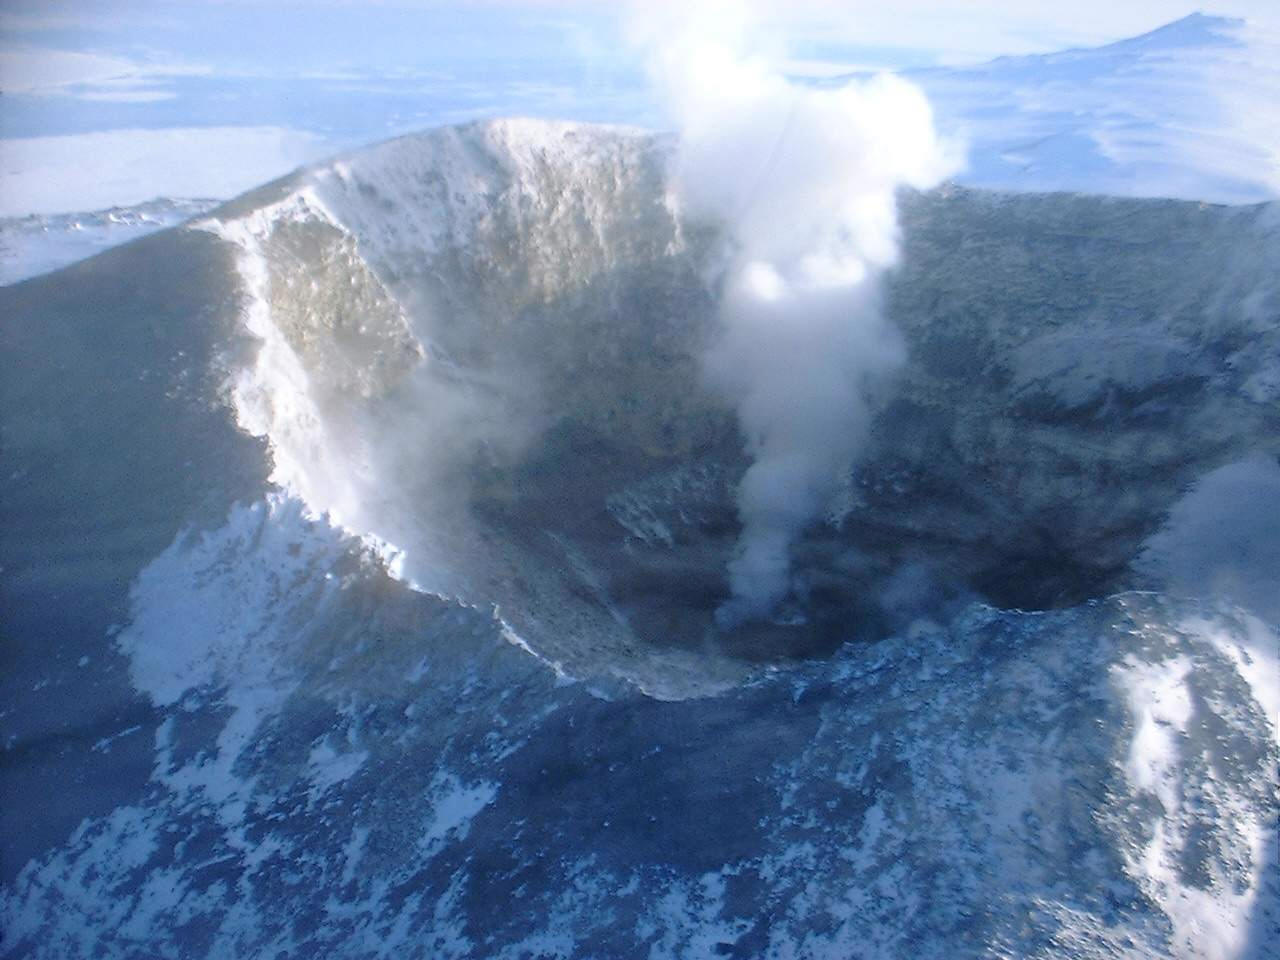 Antartikanın en yüksek noktası. En soğuk kıtanın rahatlamasının özellikleri